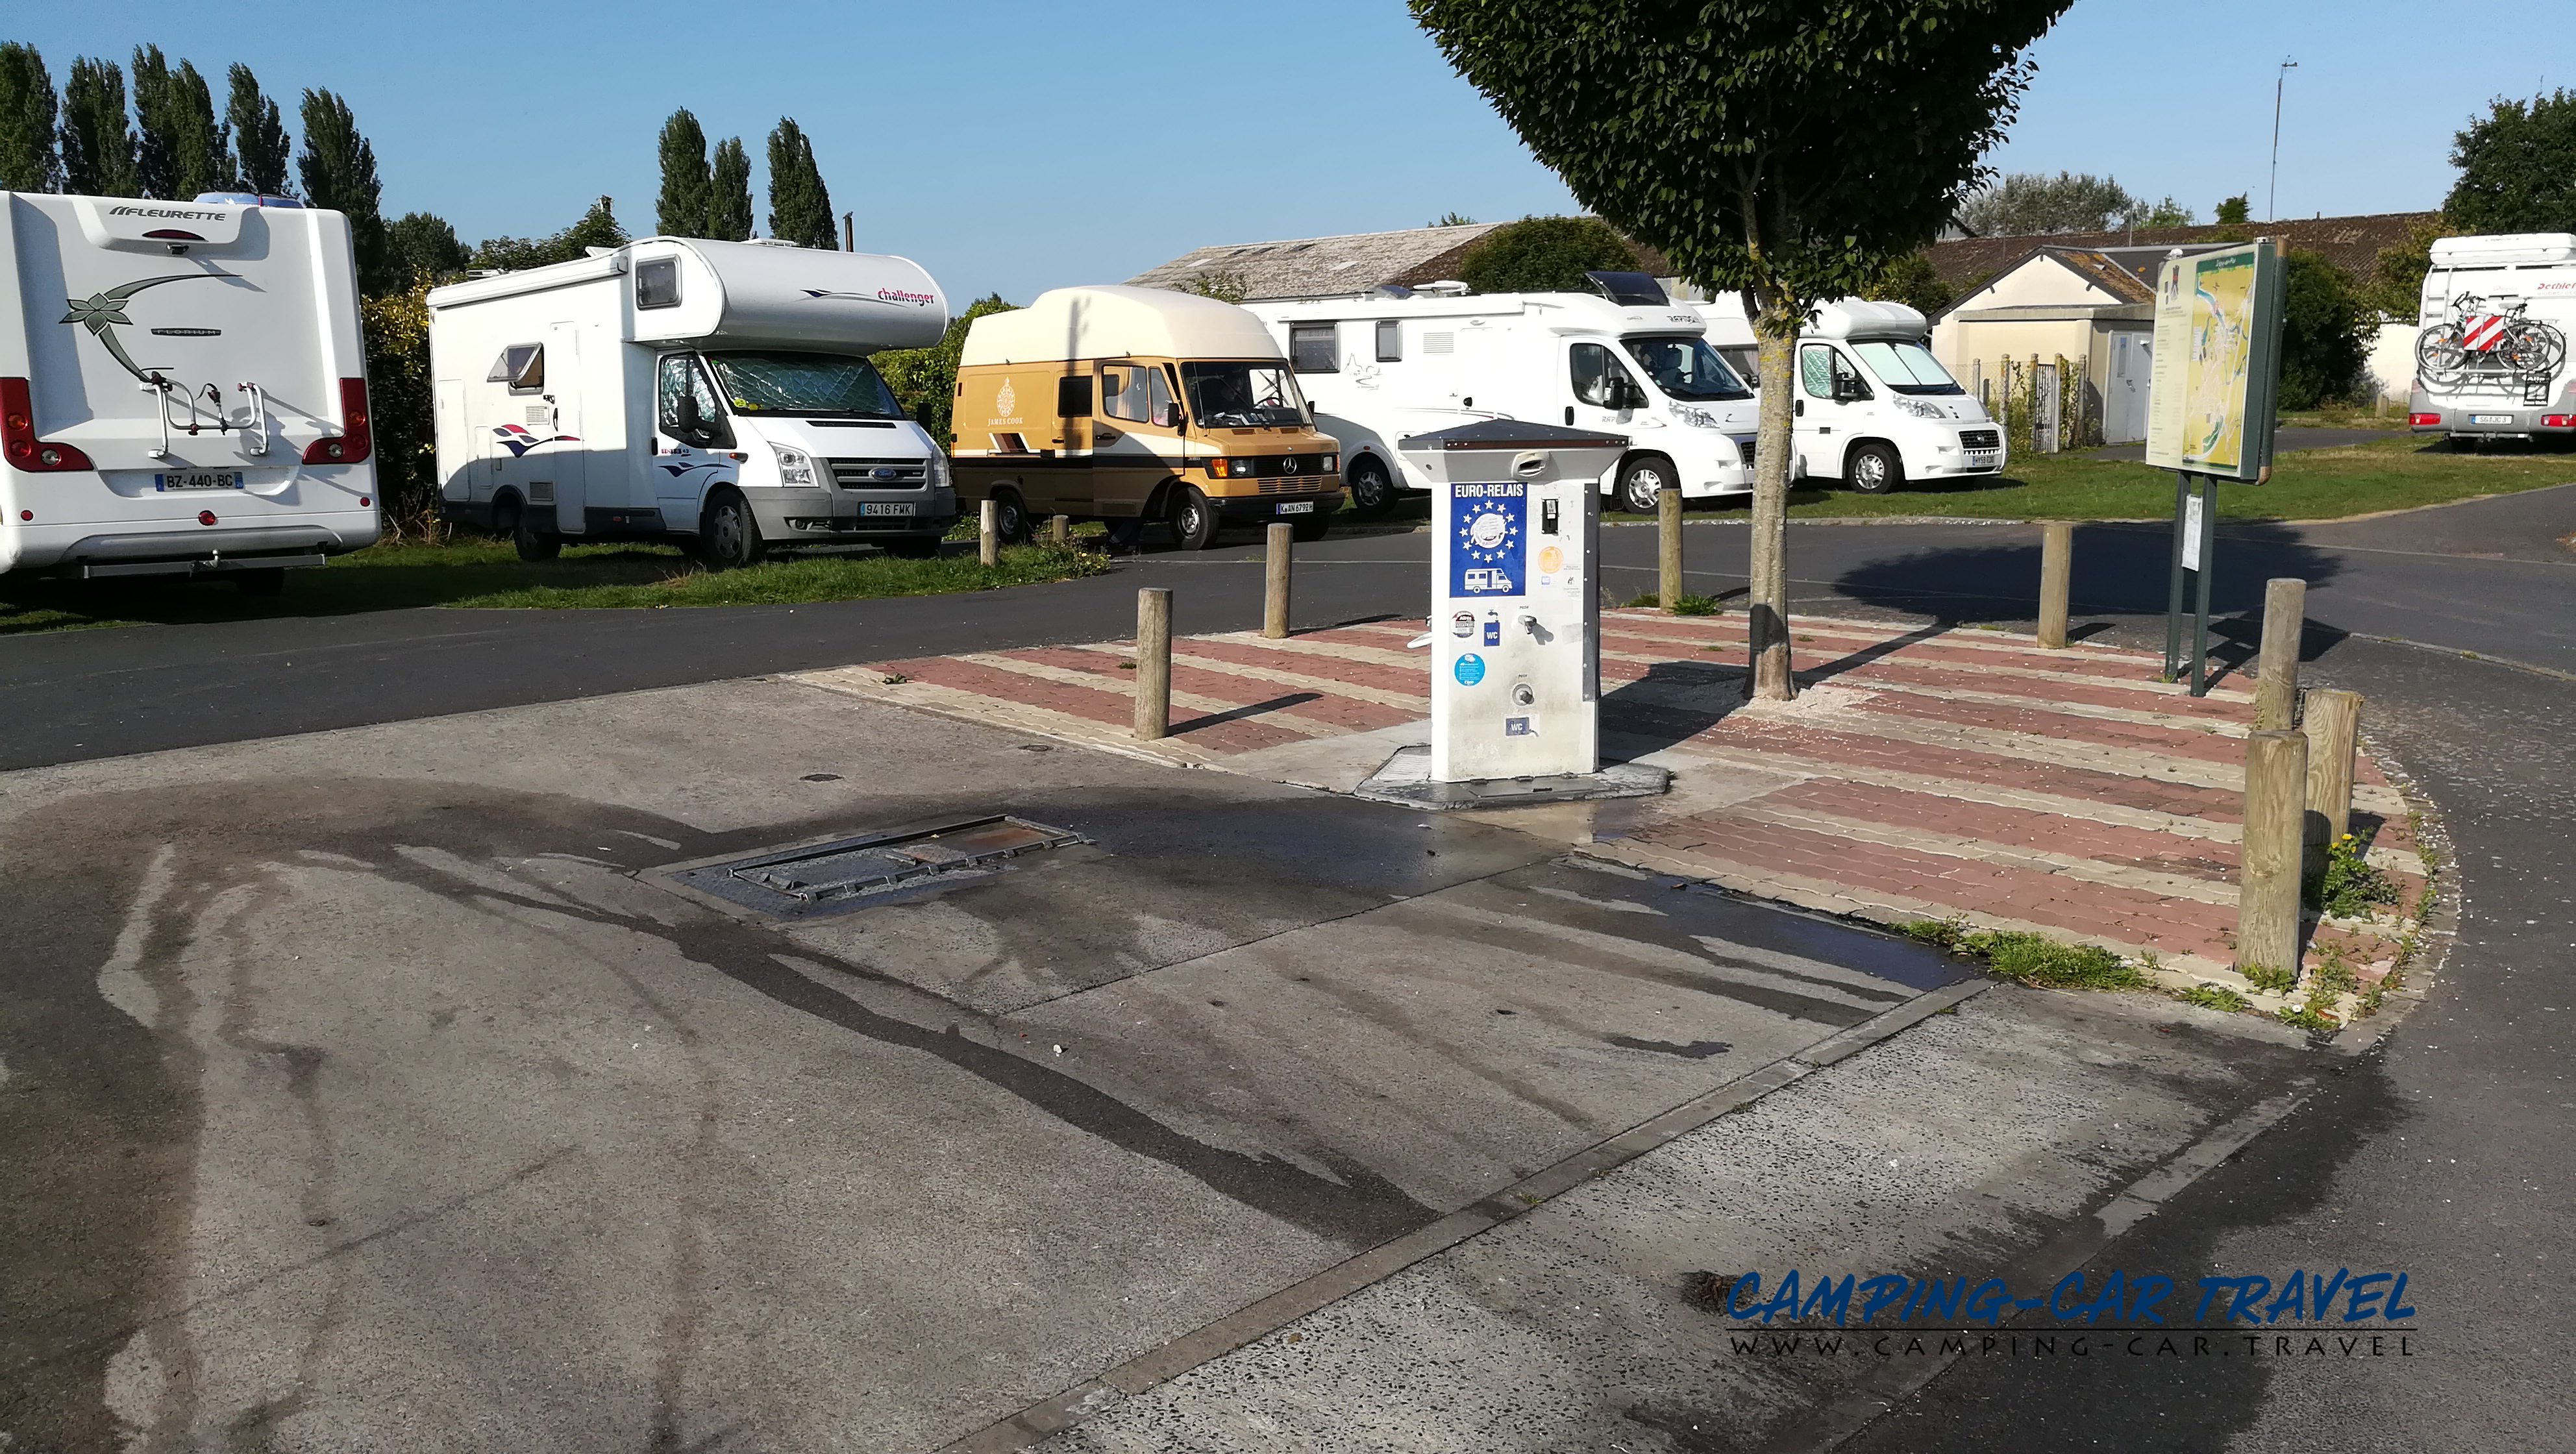 aire services camping car Isingny-sur-Mer Calvados Normandie